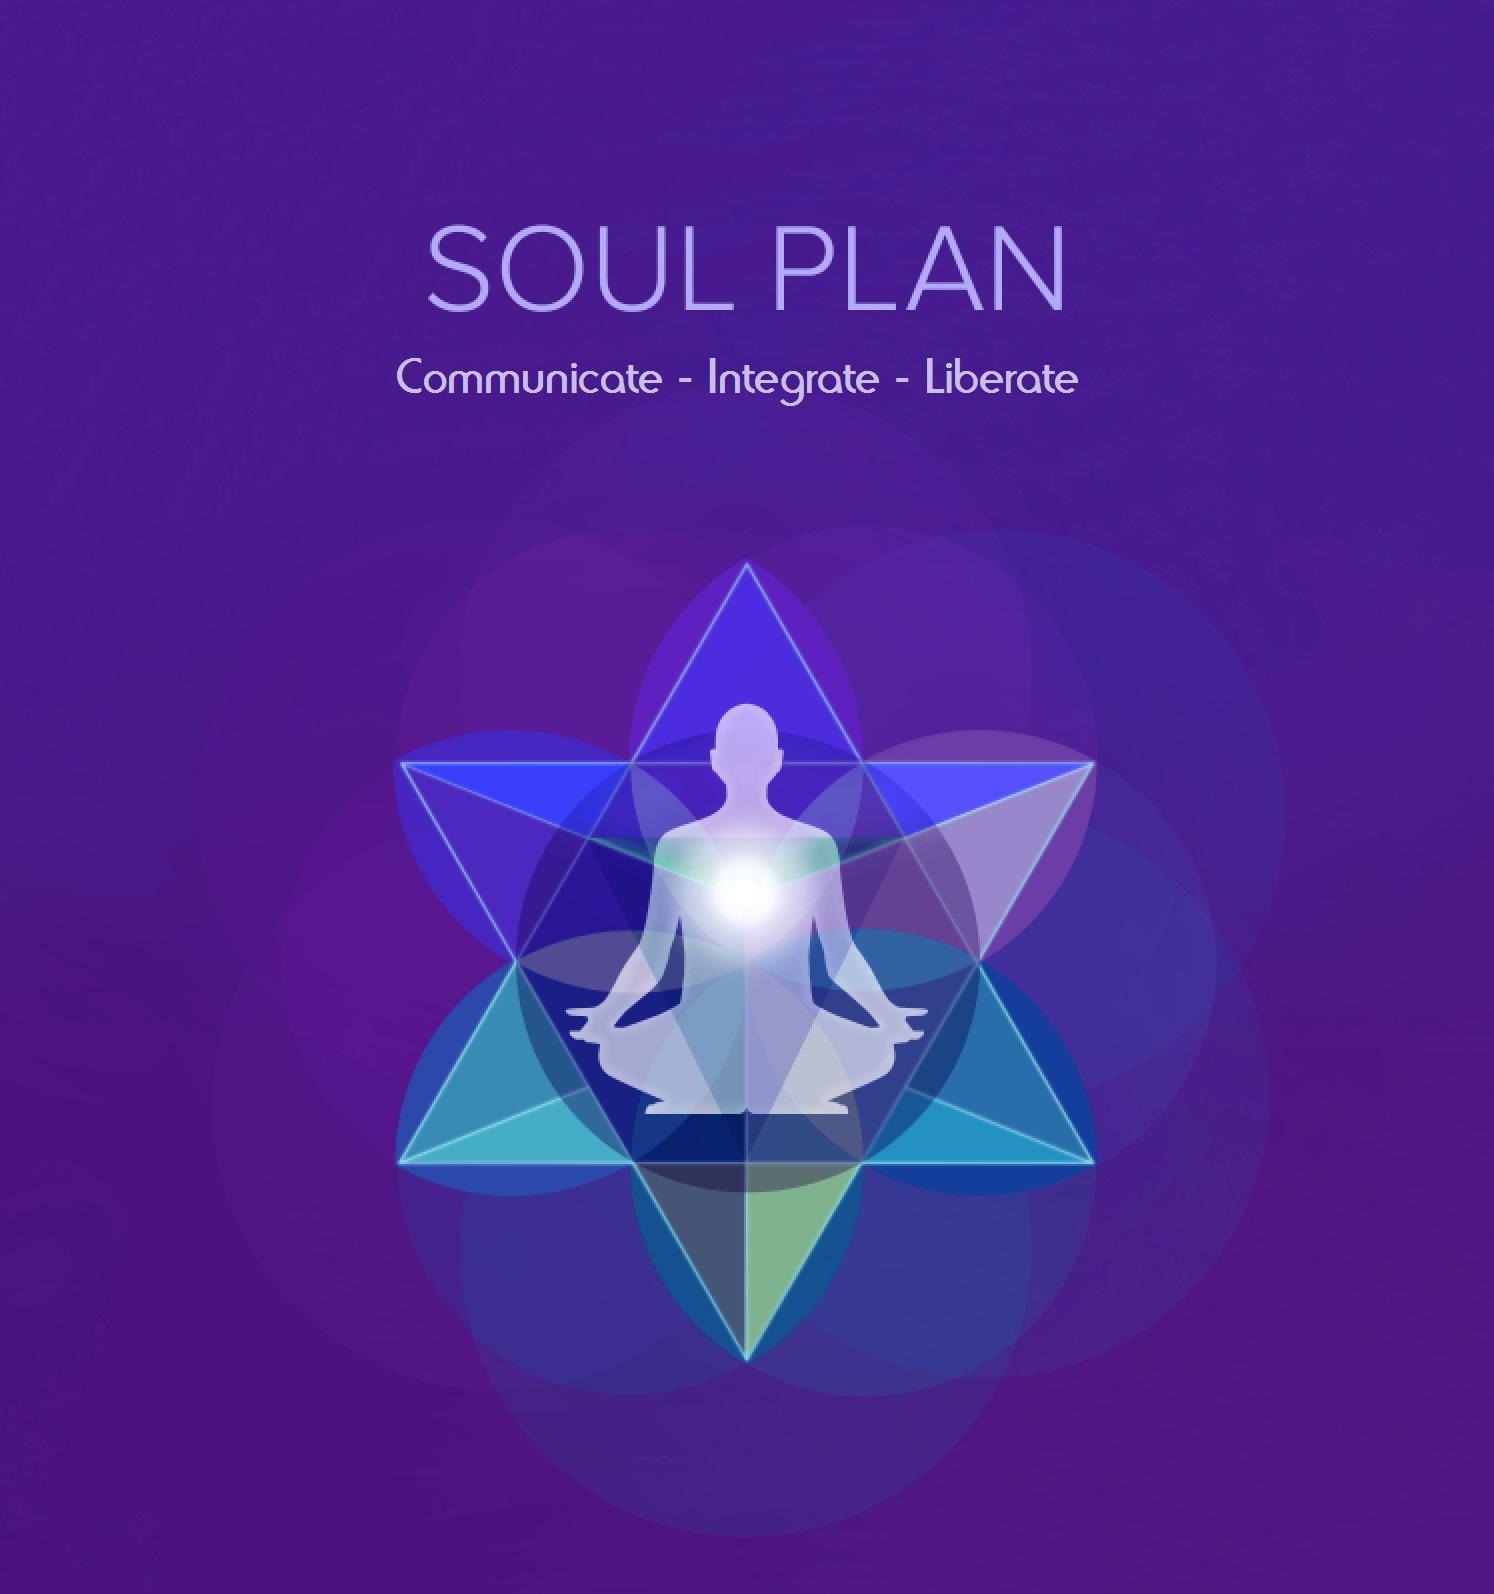 Soul Plan